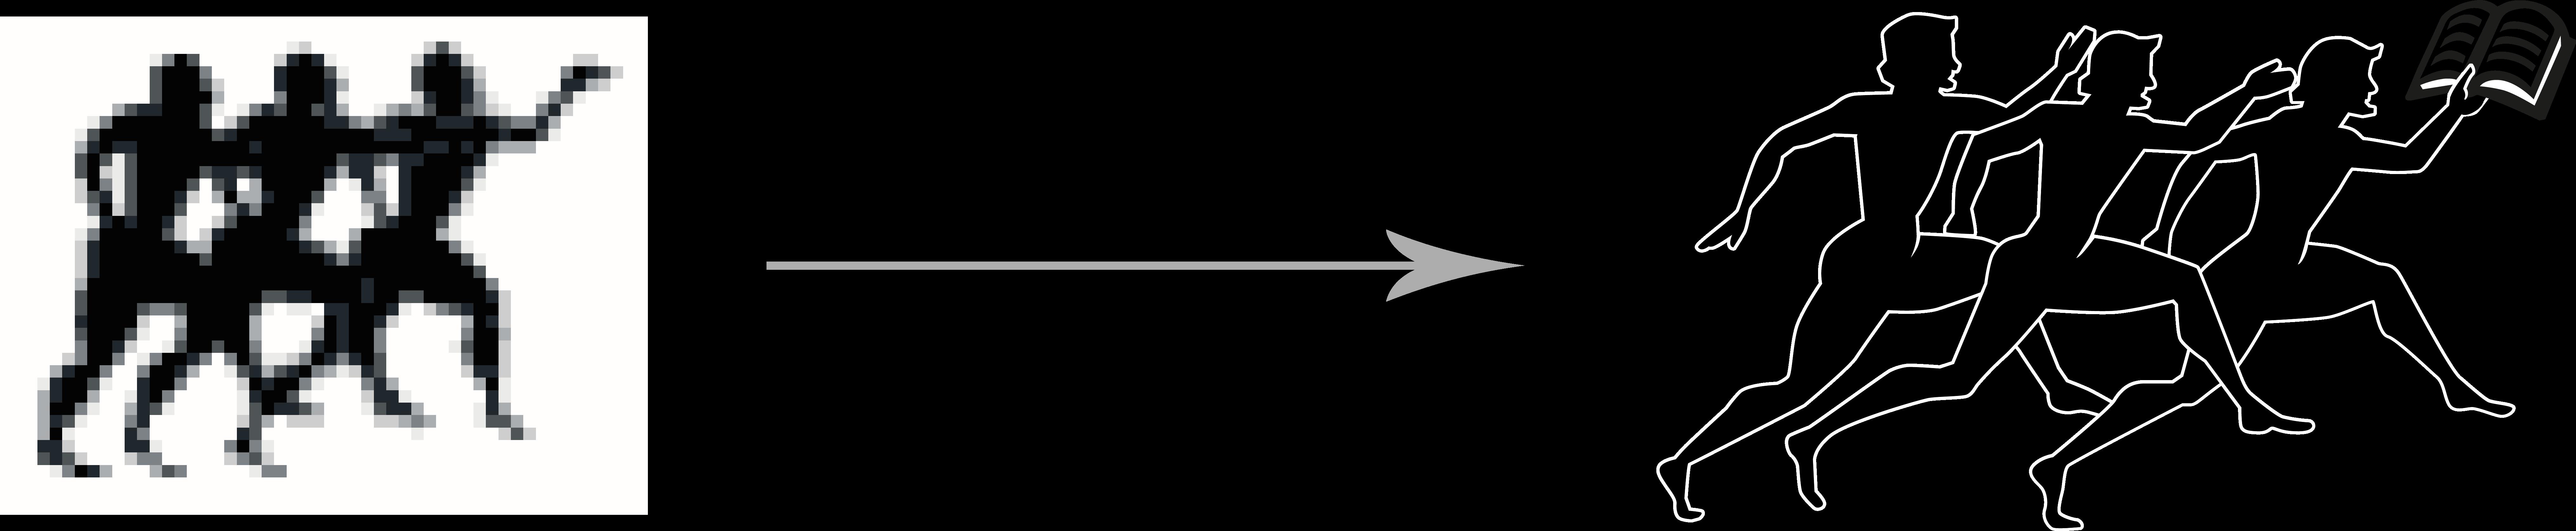 Entwicklung-Laeufergruppe_Docs-Com_grau